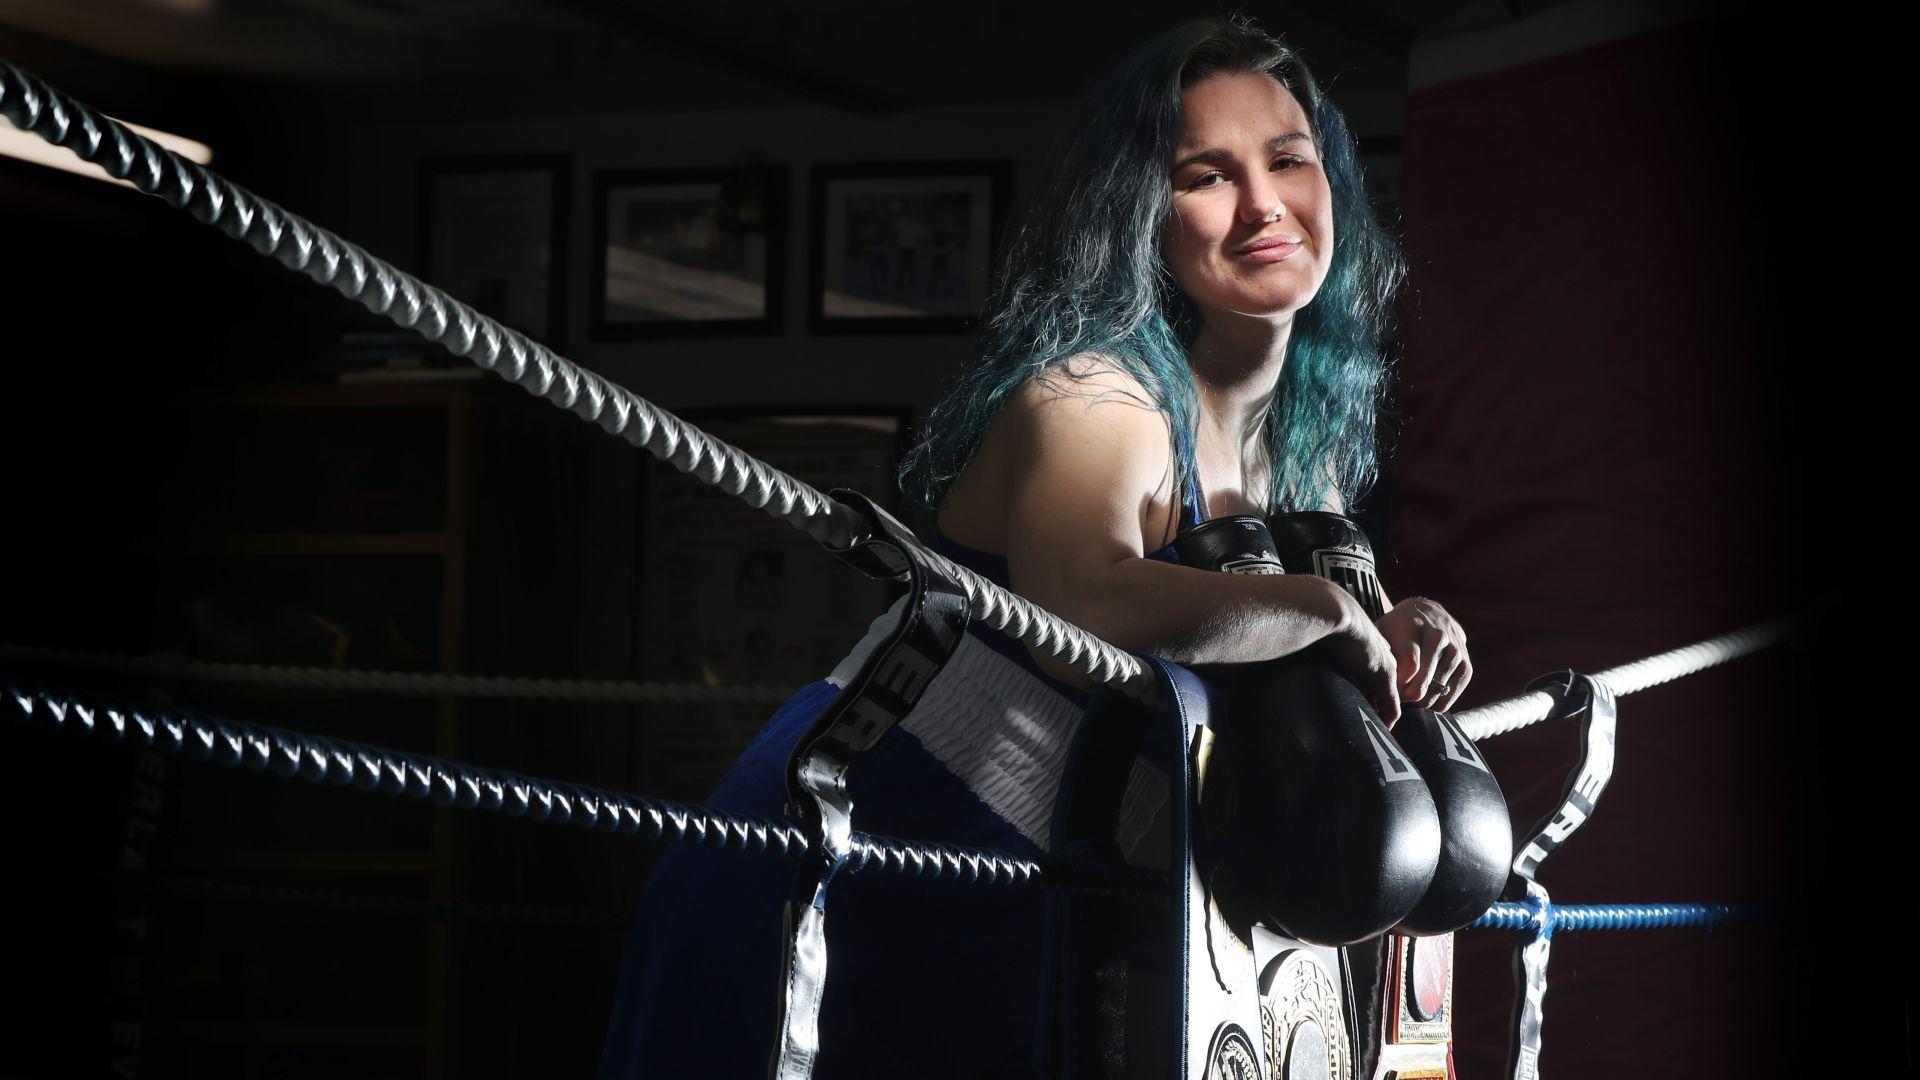 Sport Girl Wallpaper Hd: Wallpaper Girl, Sports, Boxing, The Ring, Winner, Sport #11214